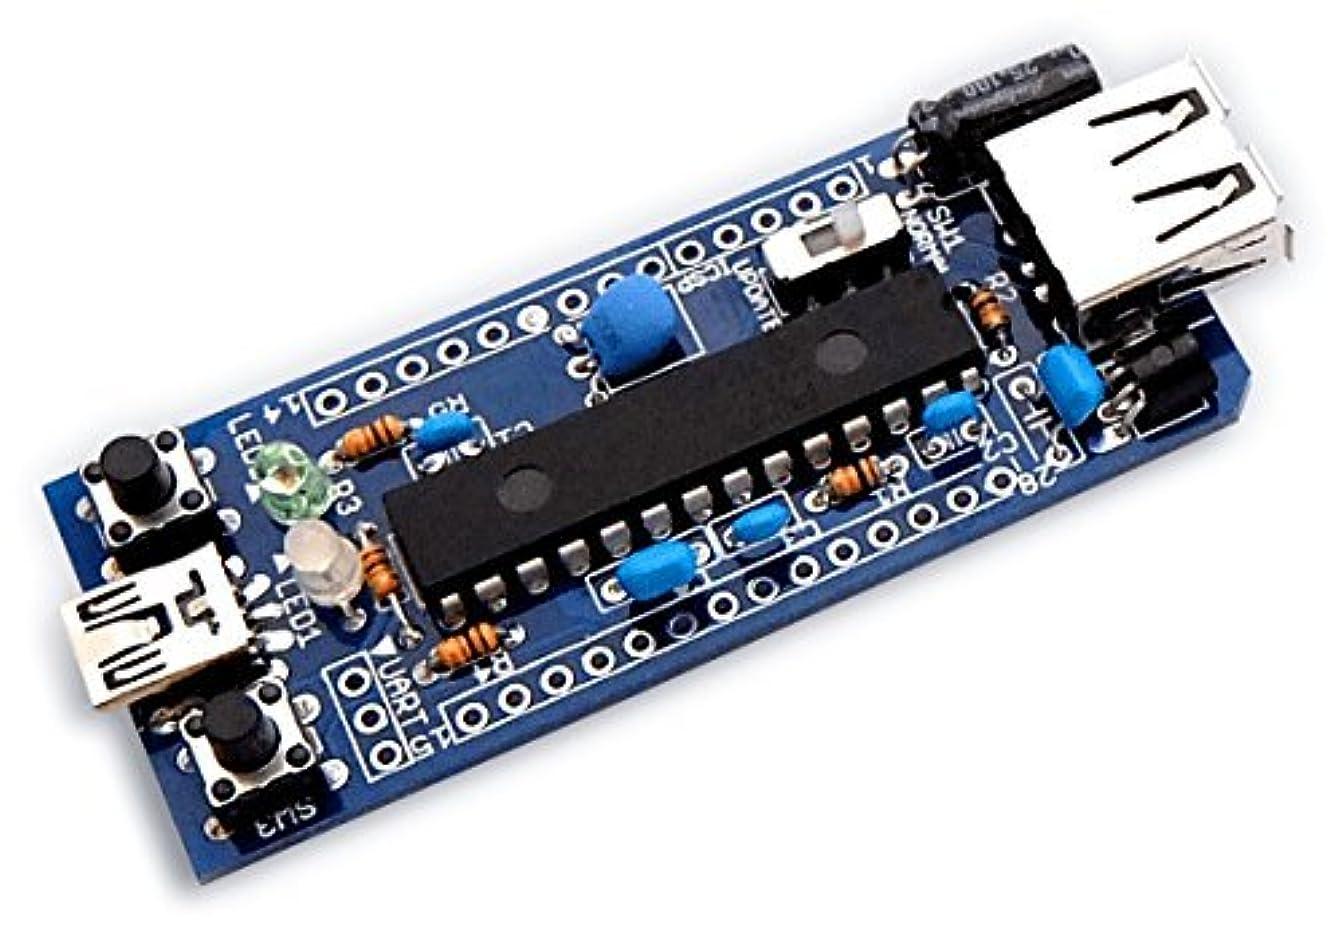 側面解釈するそれに応じてBIT TRADE ONE USB HID Bluetooth変換アダプタキット USB2BT 組立済み ADU2B01P